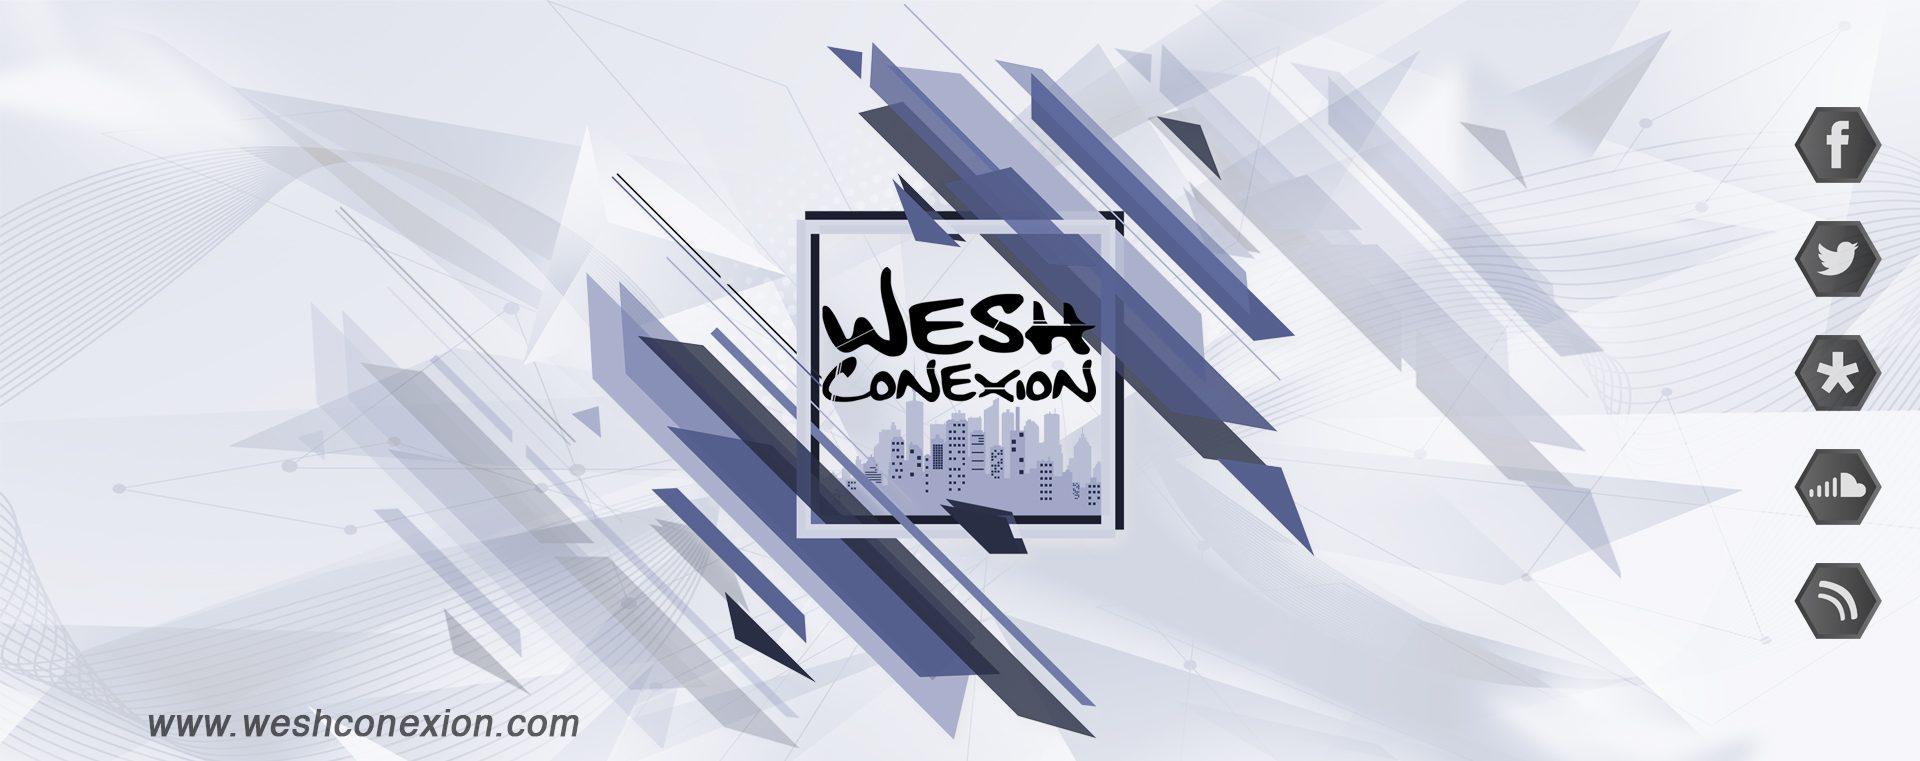 Wesh Conexion